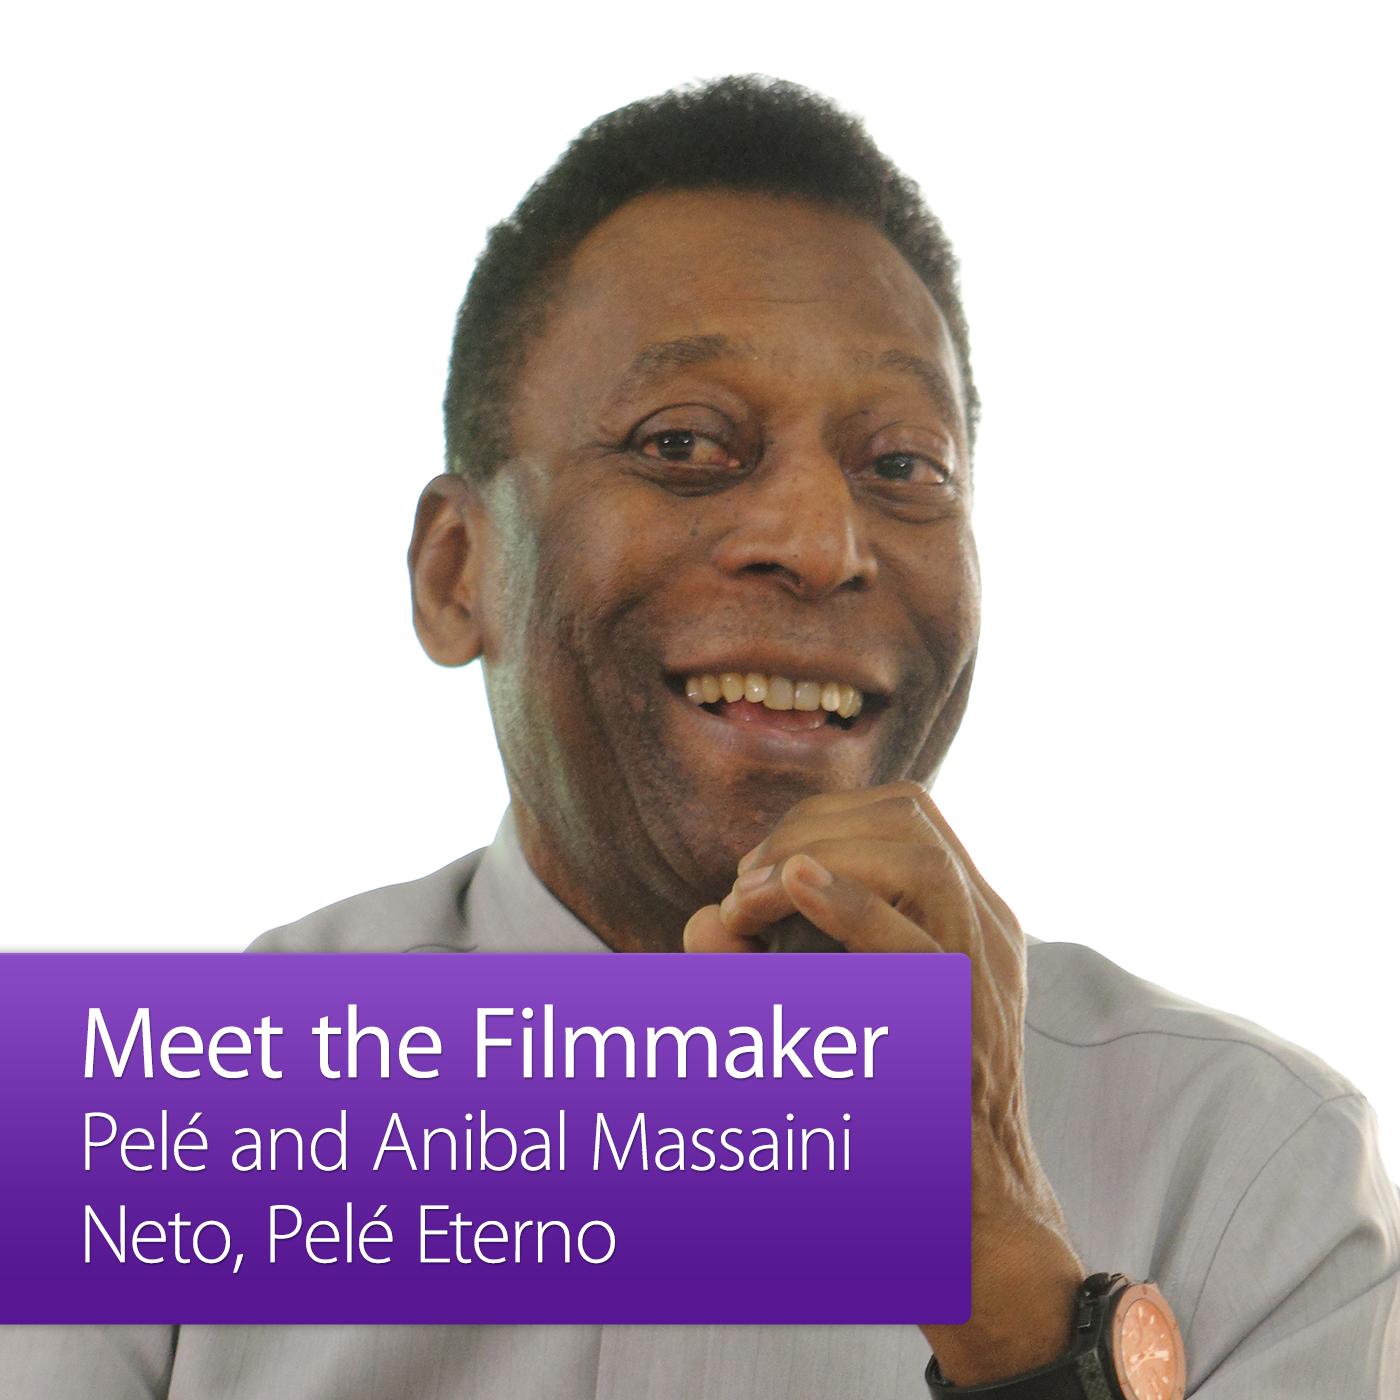 Pelé and Anibal Massaini Neto: Meet the Filmmaker